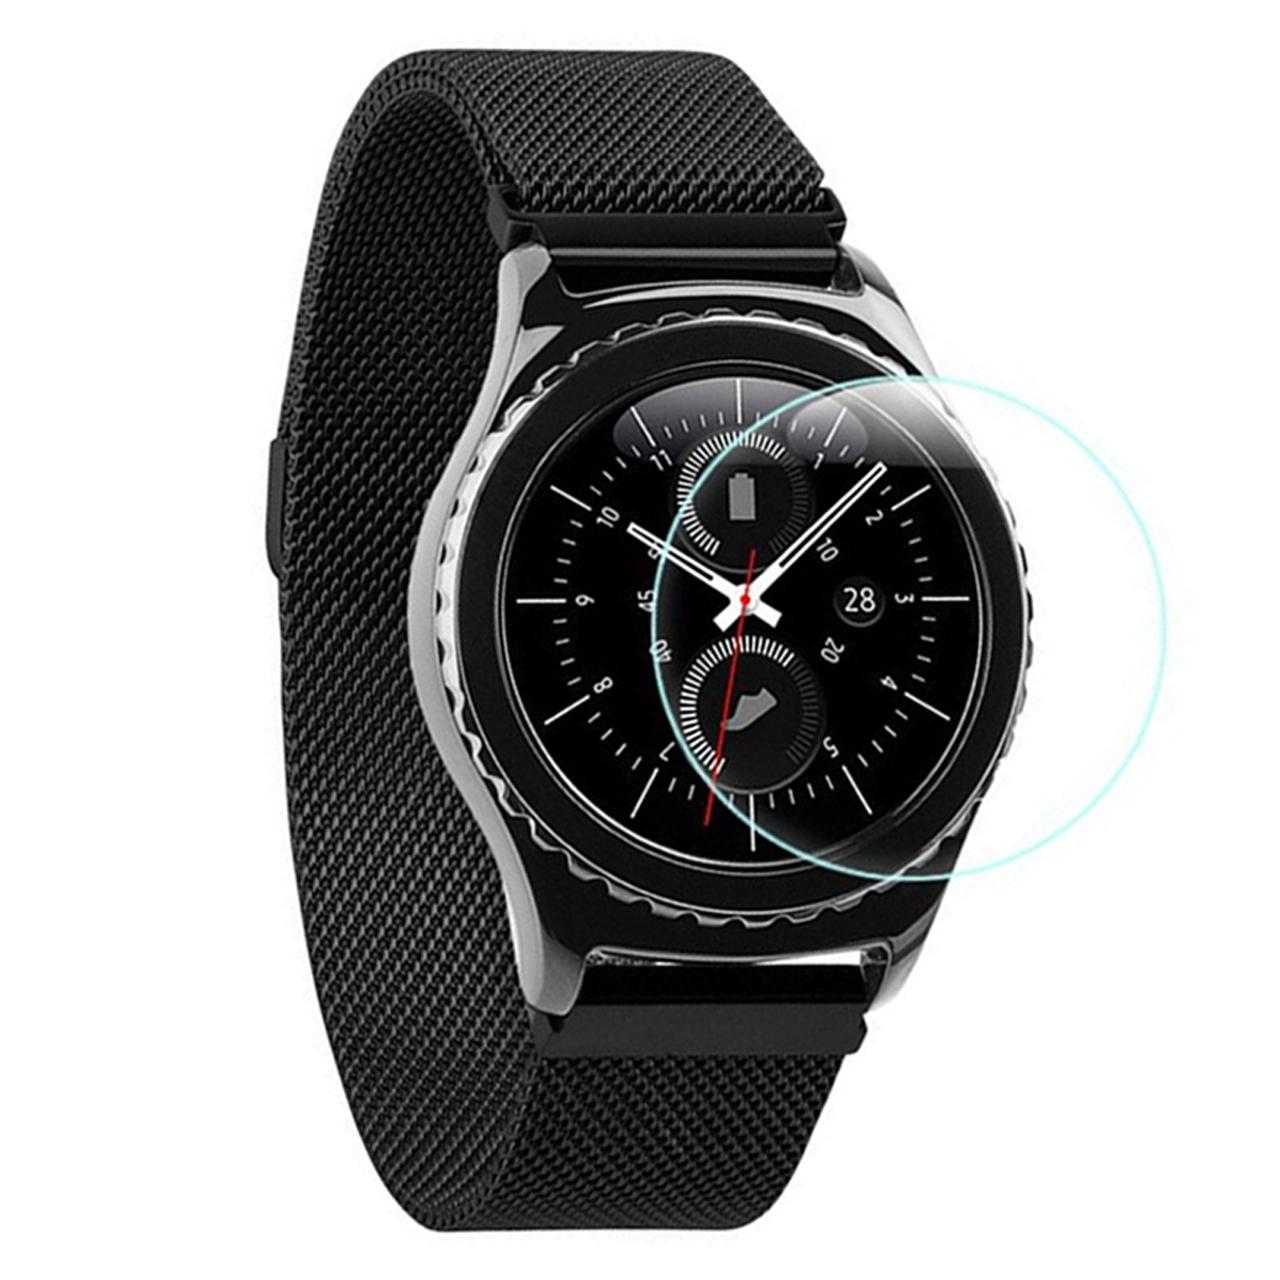 محافظ صفحه نمایش مدل S4-01 مناسب برای ساعت هوشمند سامسونگ مدل Galaxy Watch 46mm